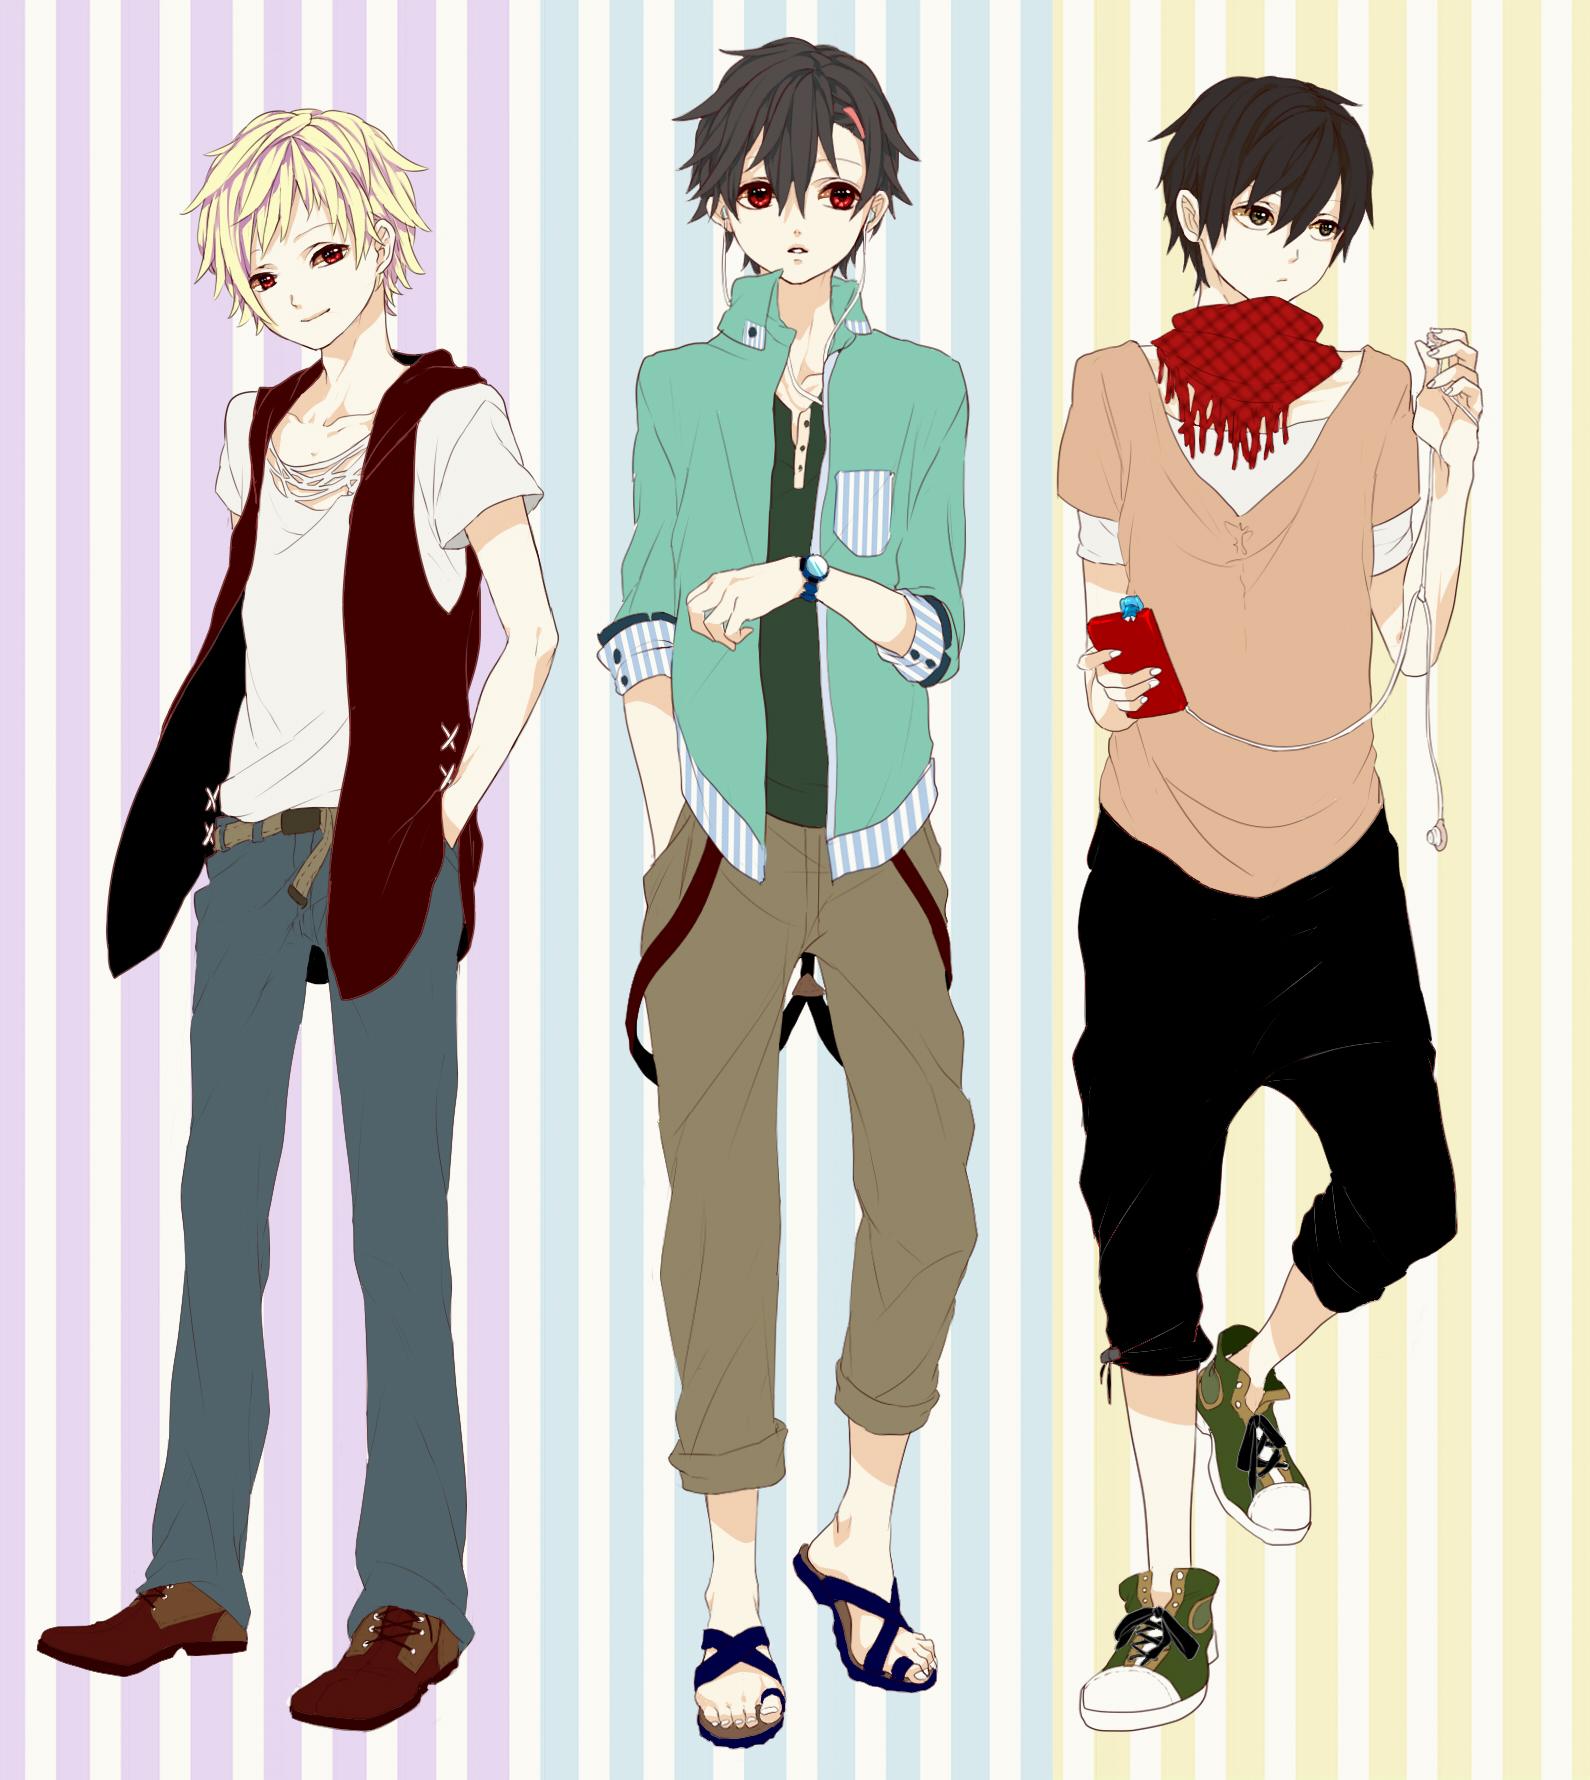 Картинки одежды аниме мальчиков